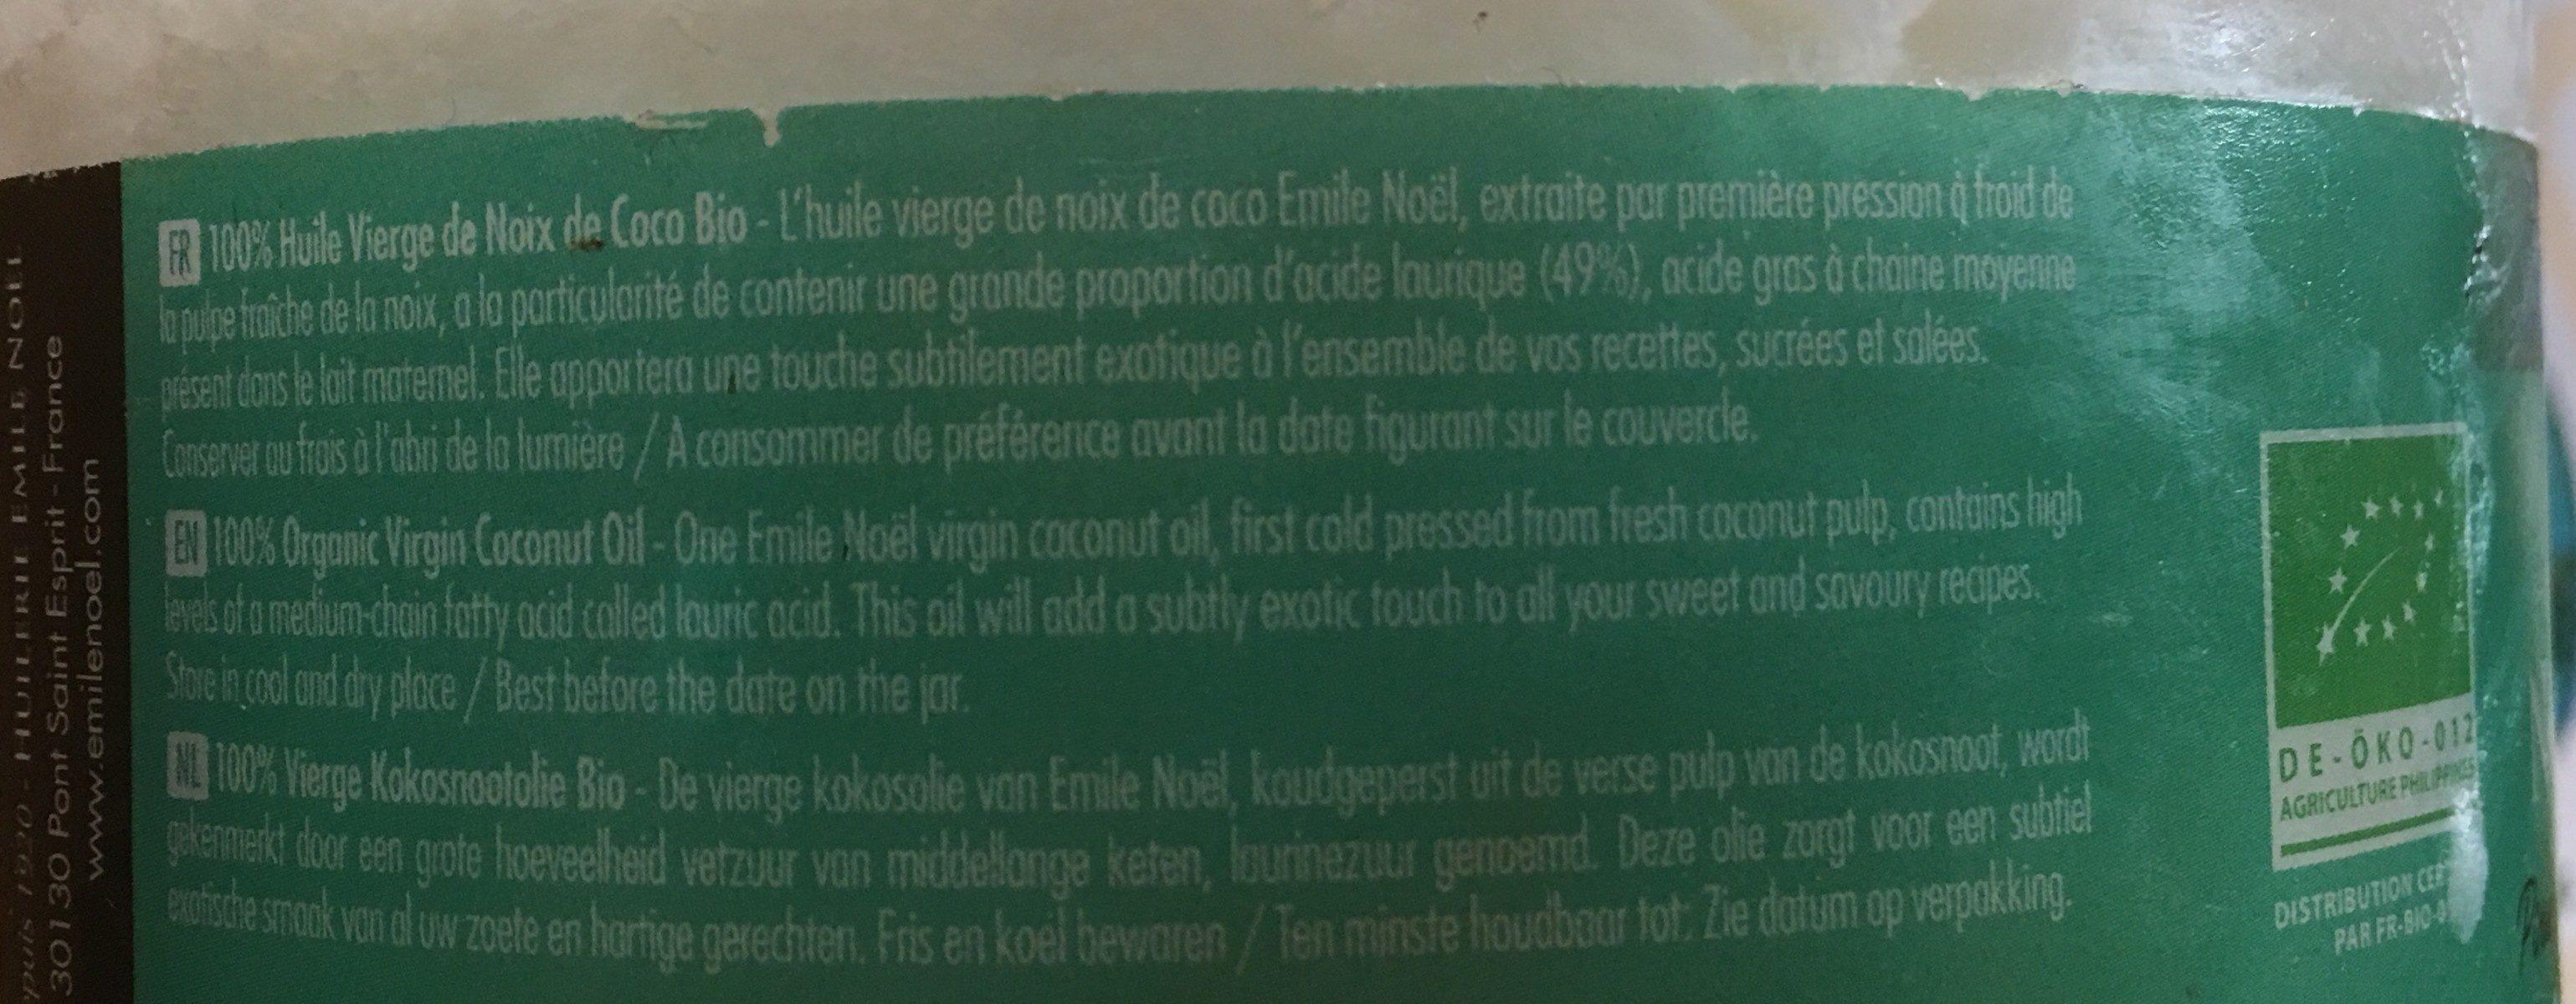 Huile vierge de noix de coco bio - Ingrédients - fr